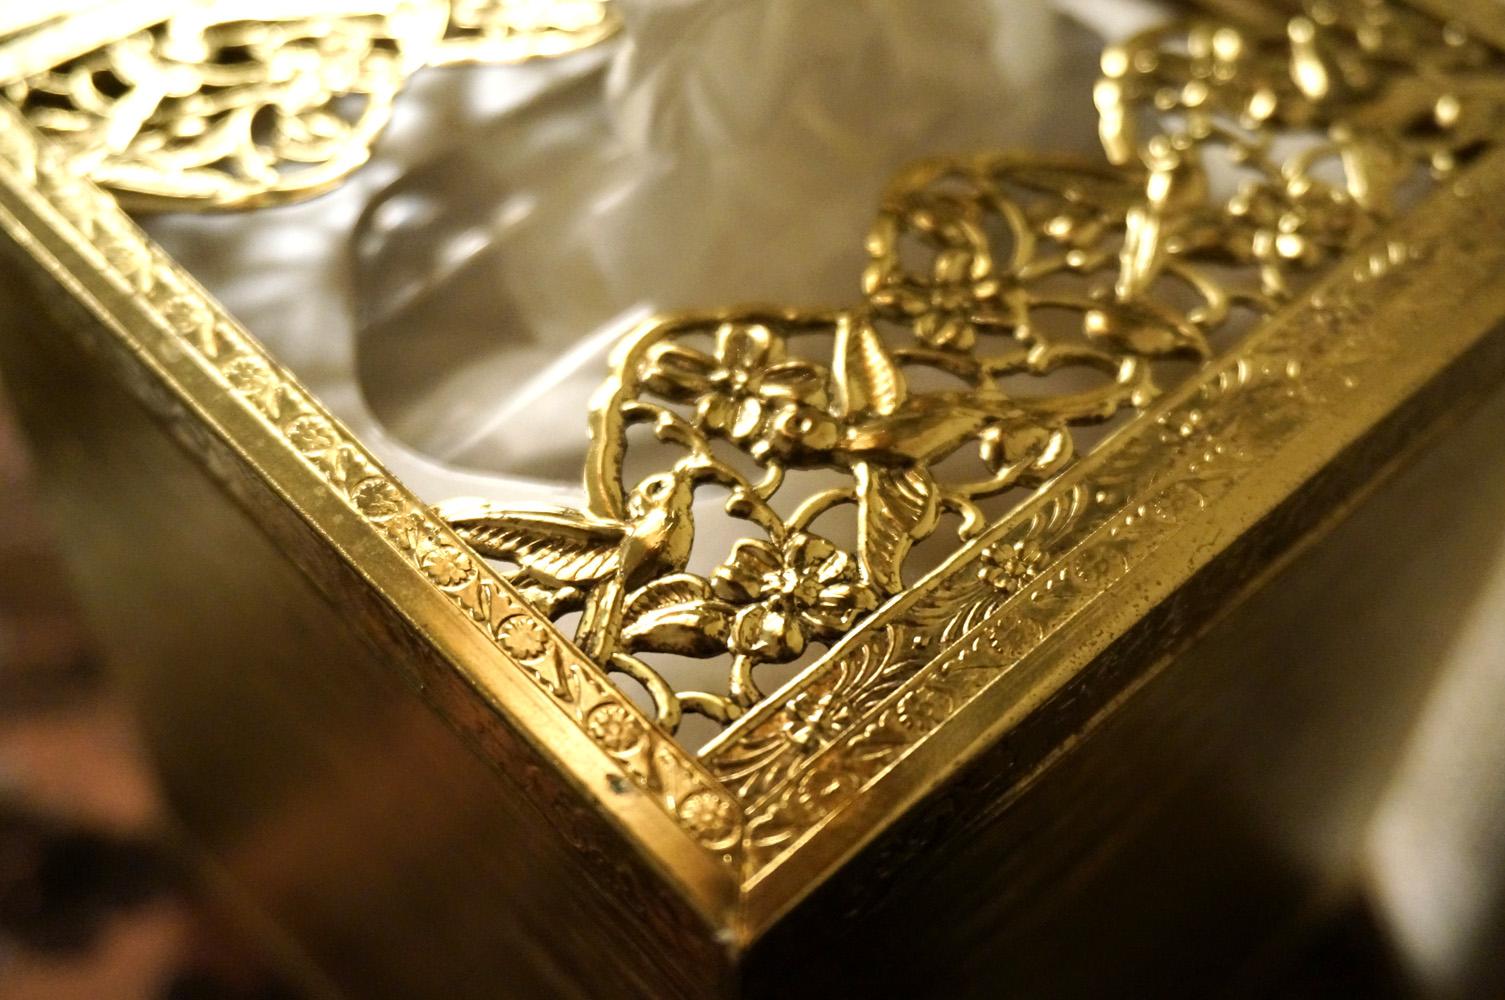 ゴールド ポピー ティッシュボックス 上部